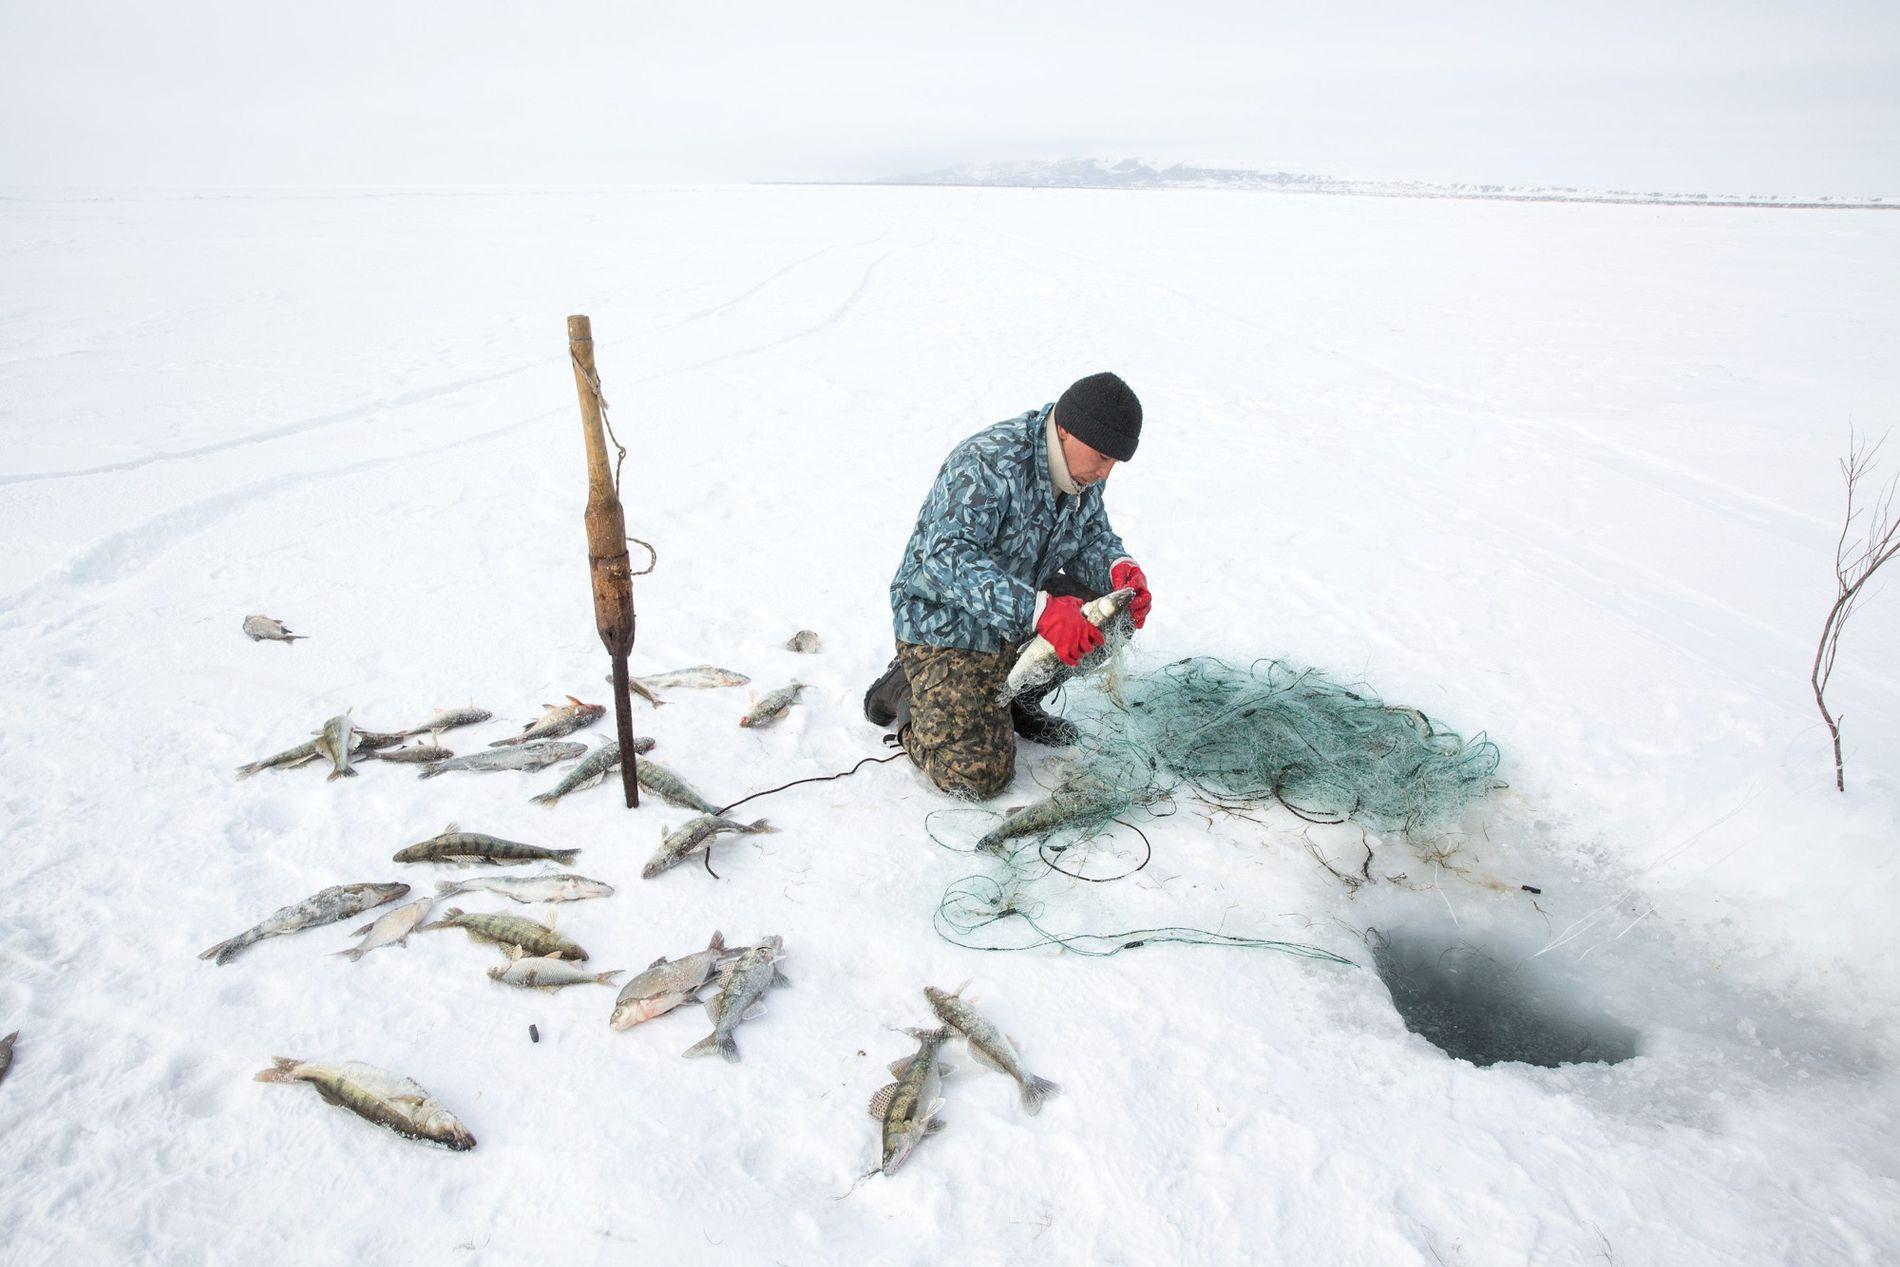 Près de Tastubek, au Kazakhstan, Omirserik Ibragimov, 25 ans, pêche sous la glace à l'aide d'un filet sur la partie nord de la mer d'Aral.